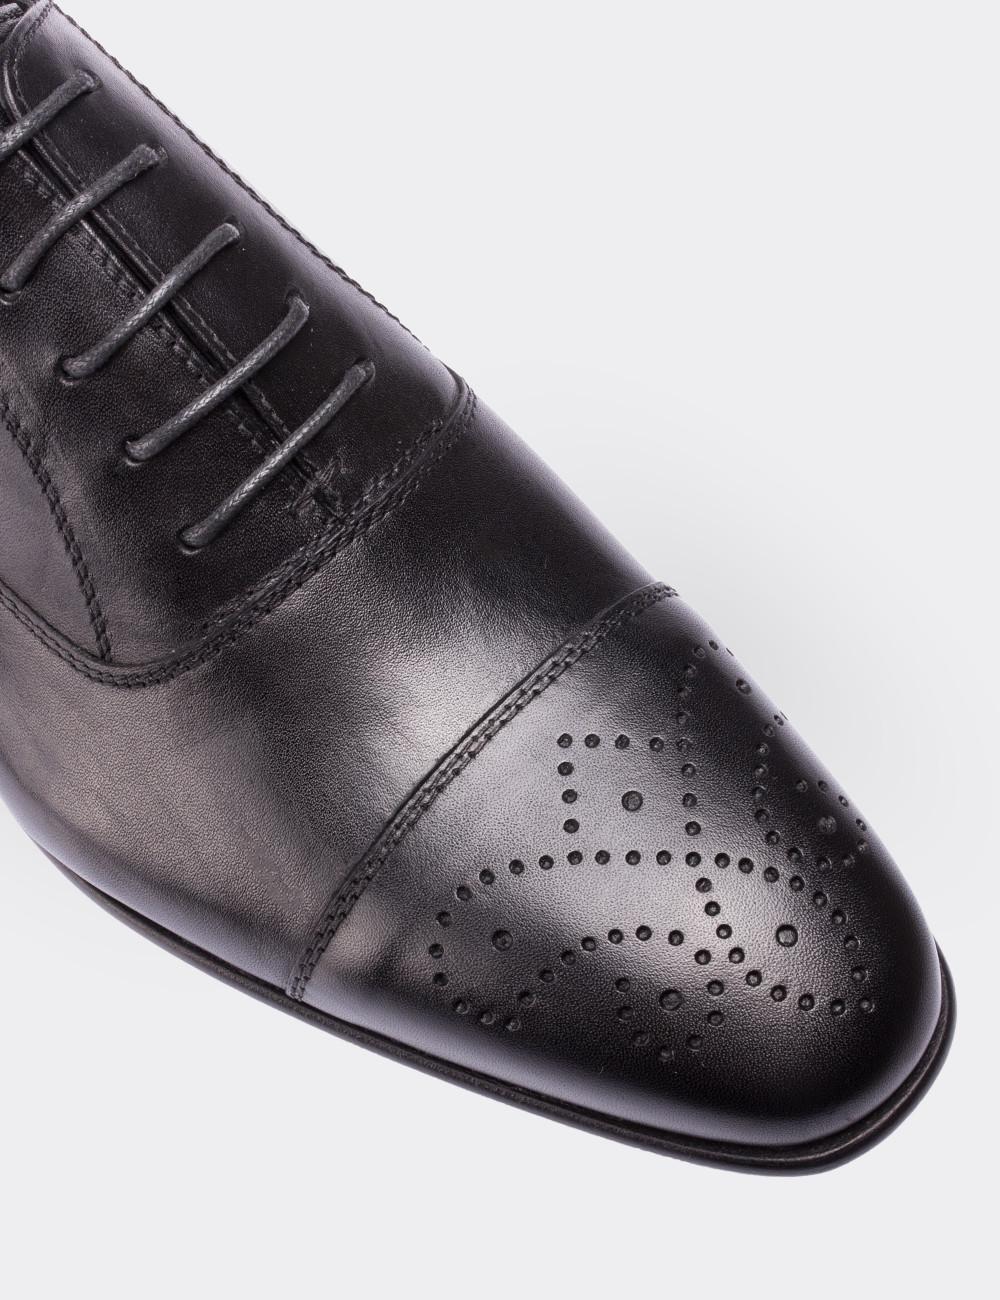 Hakiki Deri Siyah Kösele Erkek Ayakkabı - 00741MSYHK01